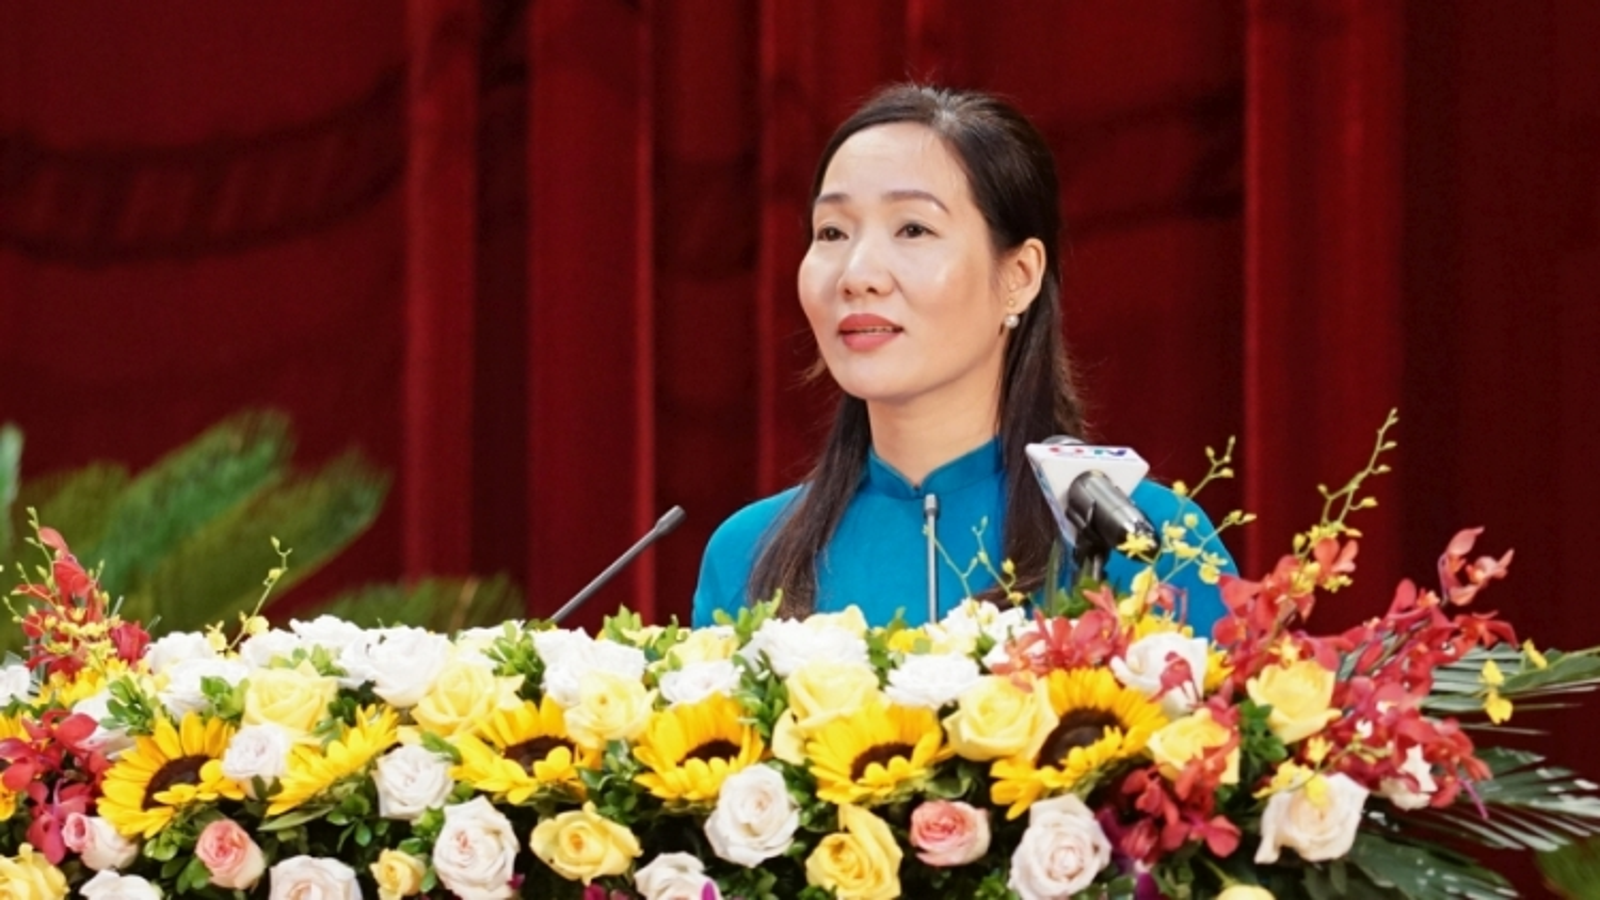 Nữ Giám đốc Sở VH&TT được bầu làm Phó Chủ tịch UBND tỉnh Quảng Ninh